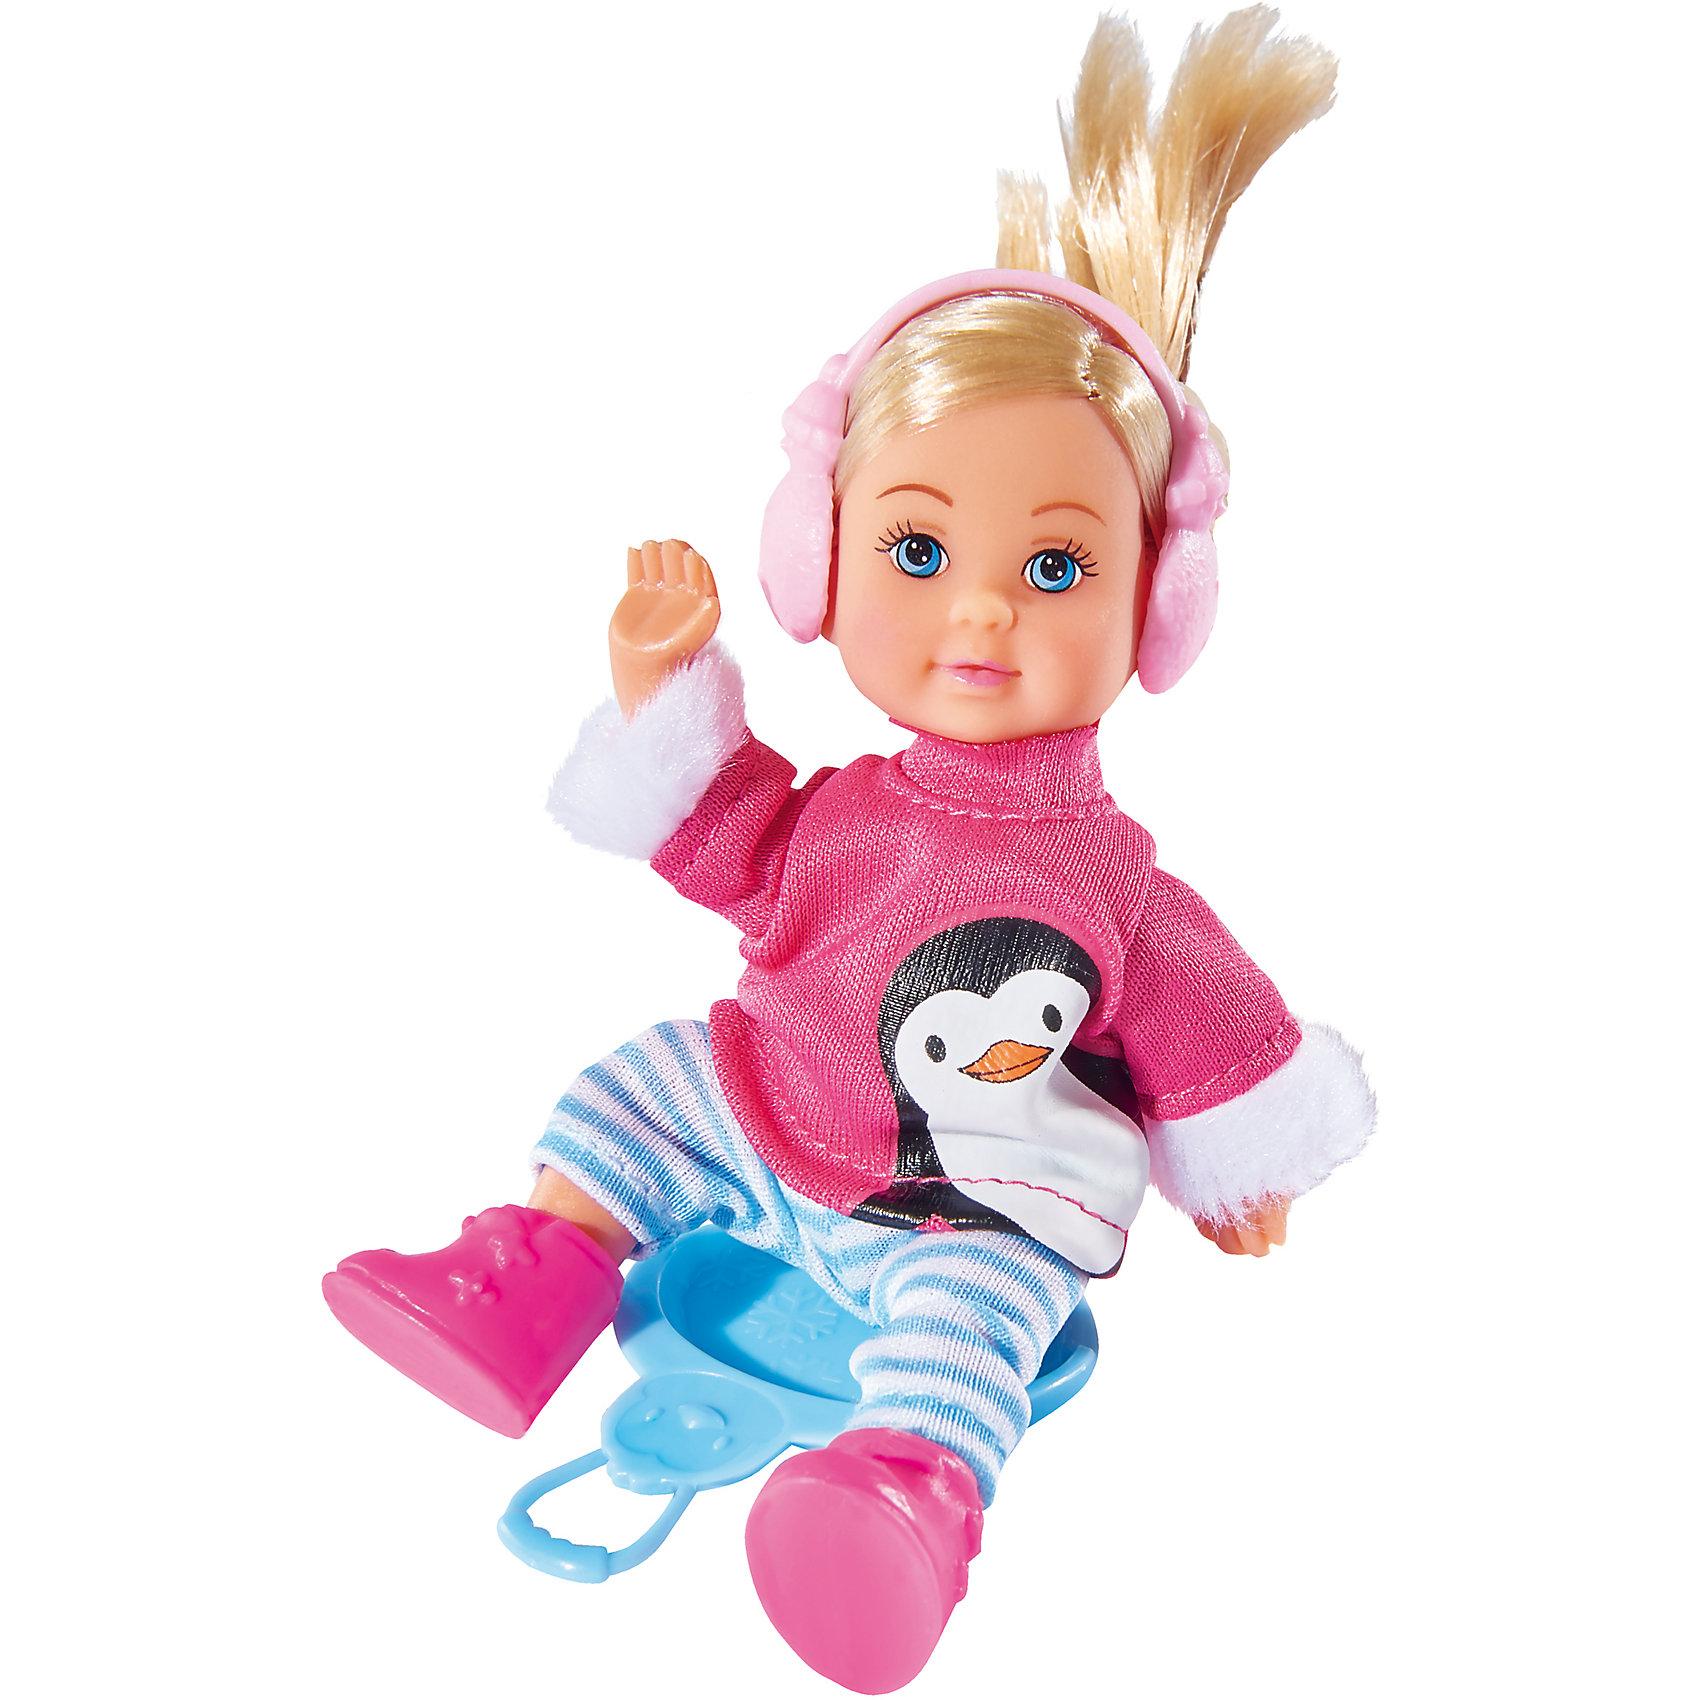 Simba Кукла Еви в зимнем костюме,12 см, Simba simba самолет инерционный цвет красный